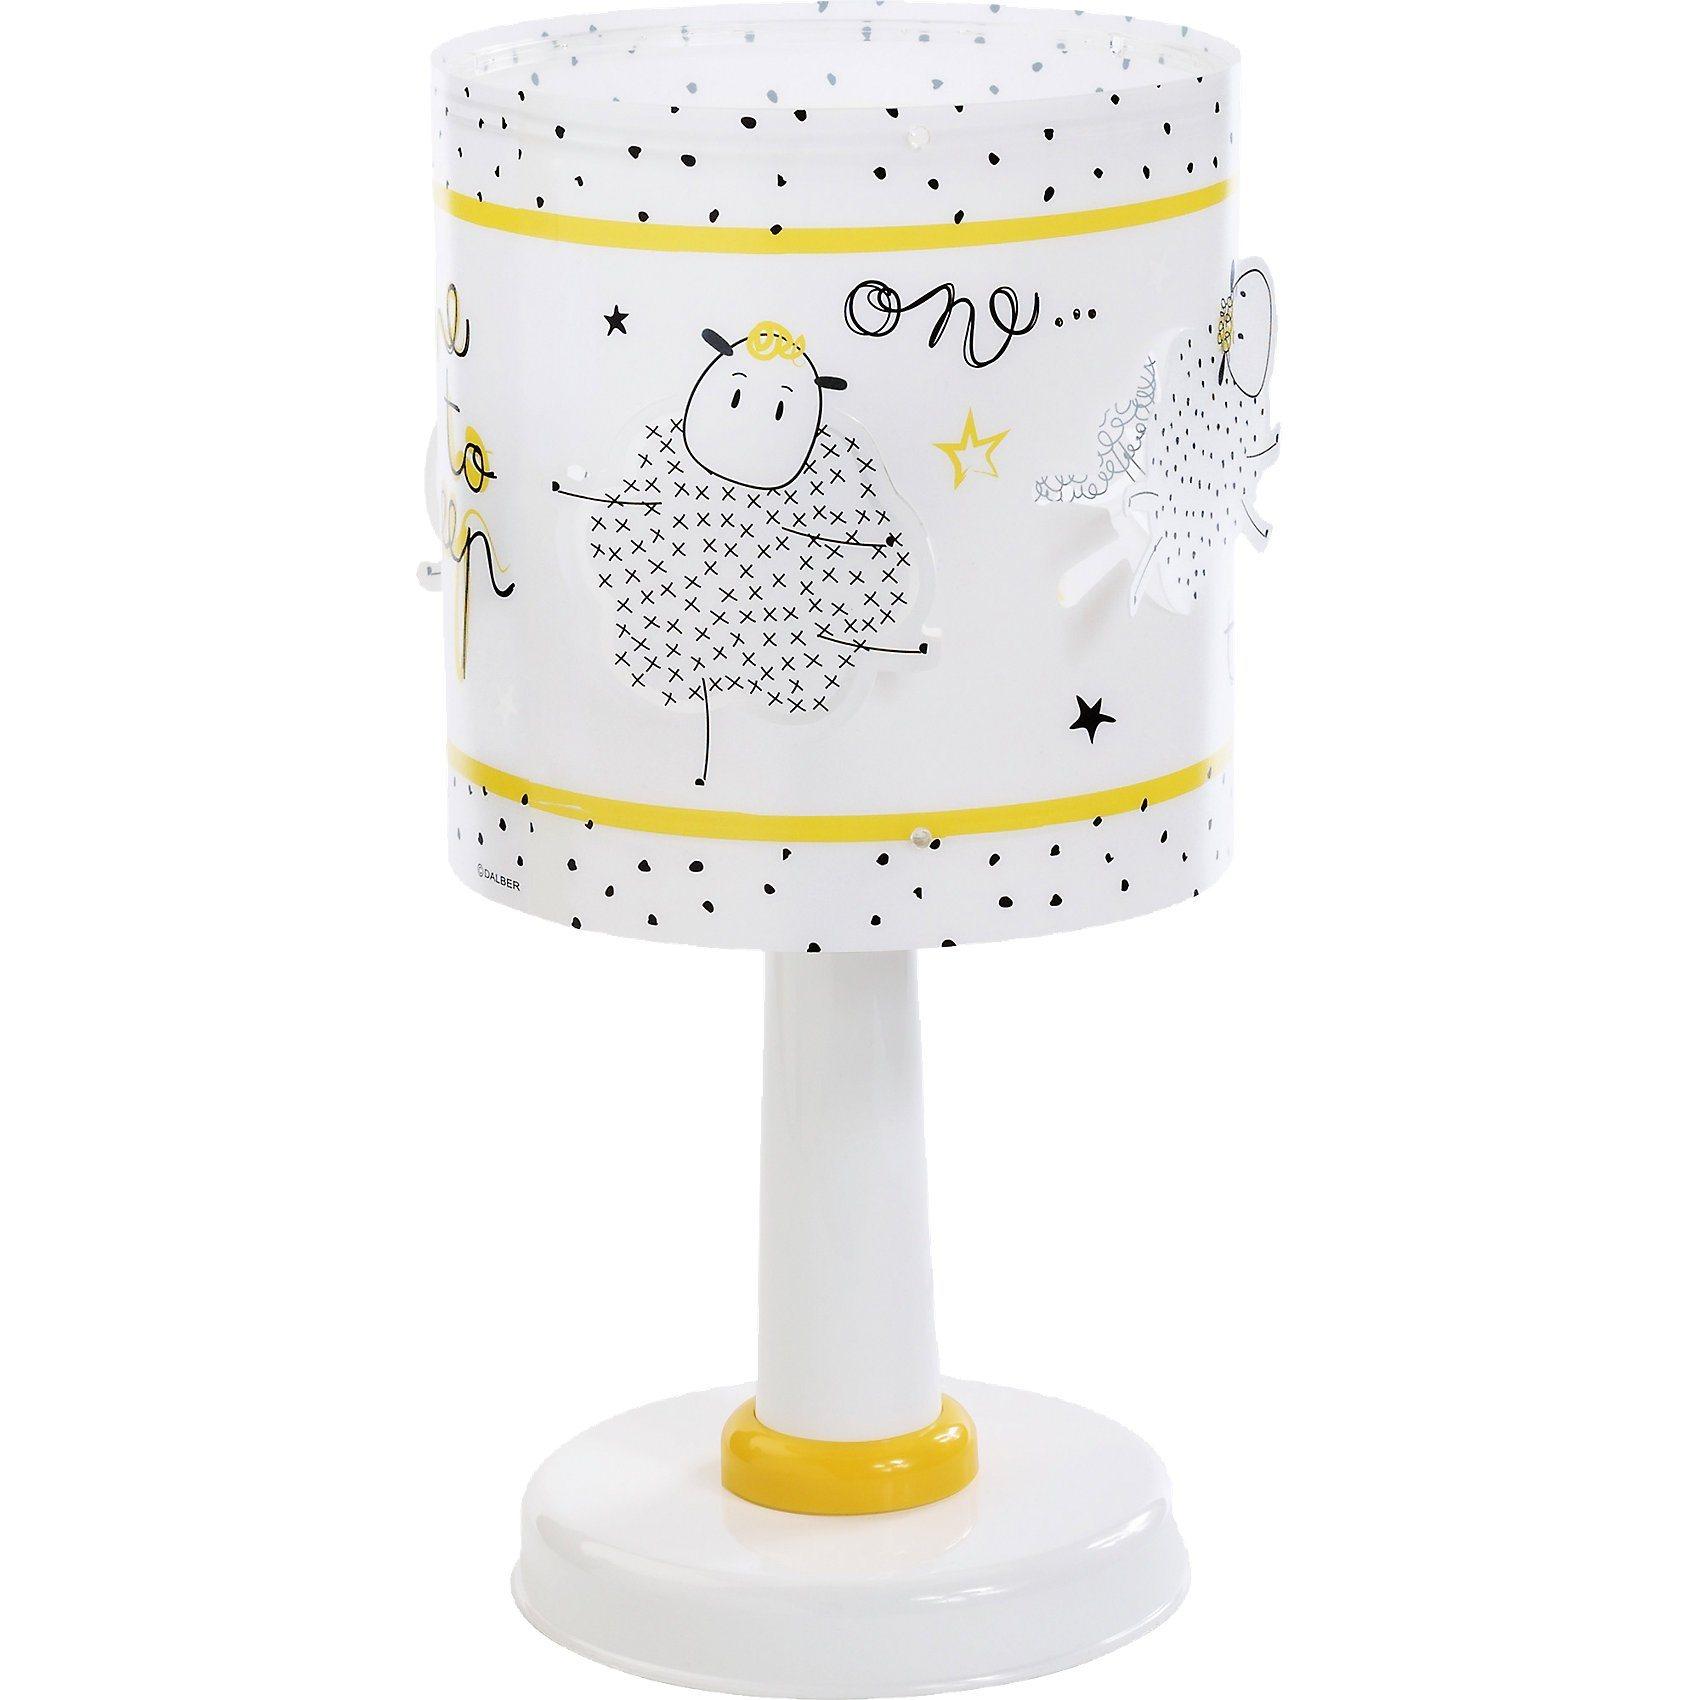 Dalber Tischlampe Schäfchen | Lampen > Tischleuchten > Beistelltischlampen | Kunststoff - Bedruckt | Dalber